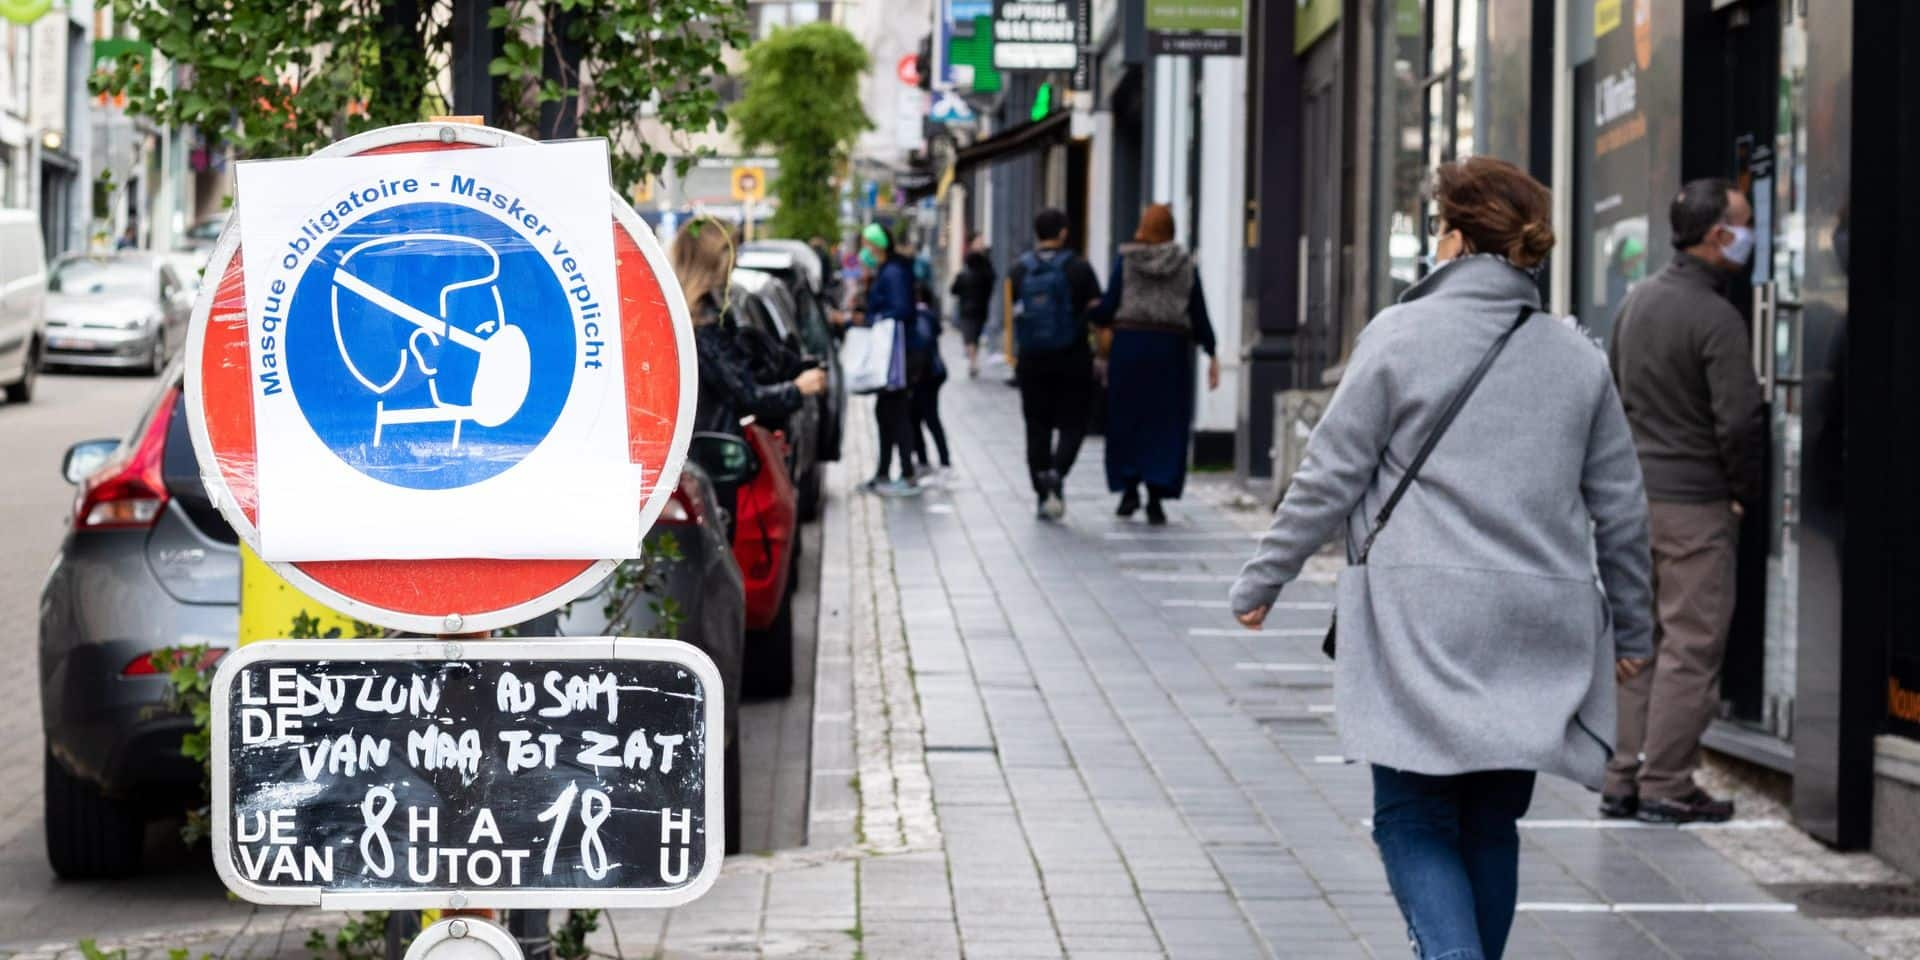 Masque obligatoire: bien respecté sur les marchés, moins dans les rues fréquentées